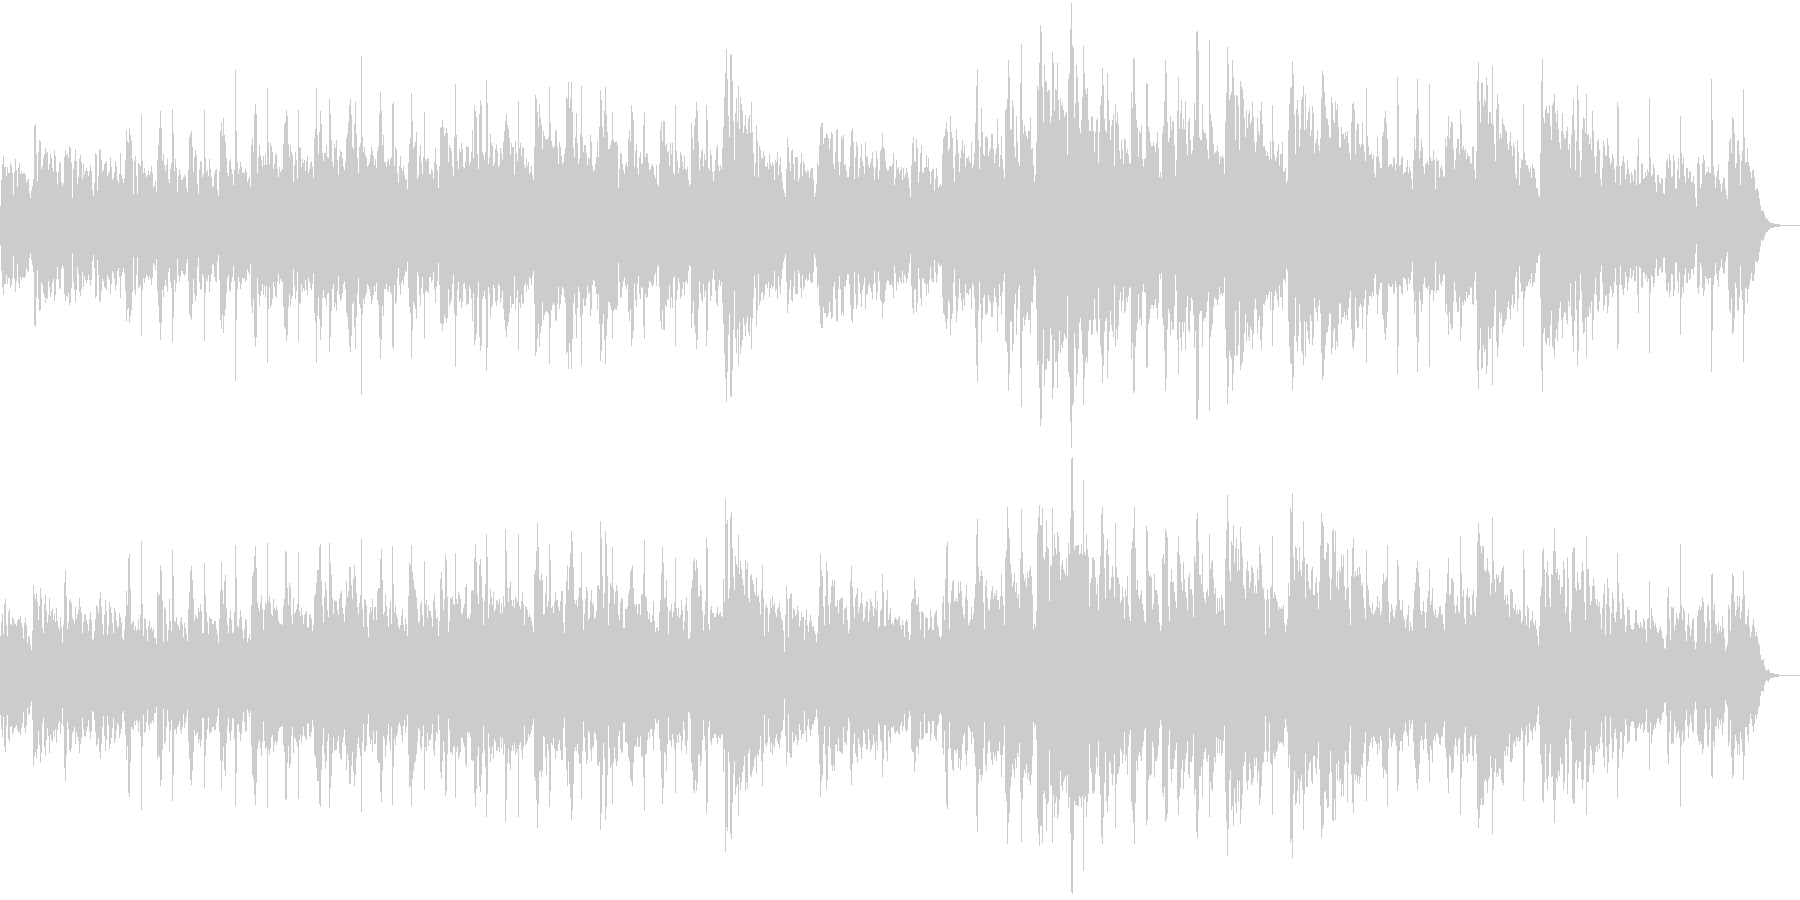 宇宙の始まりっぽいシンセサイザーの曲の未再生の波形